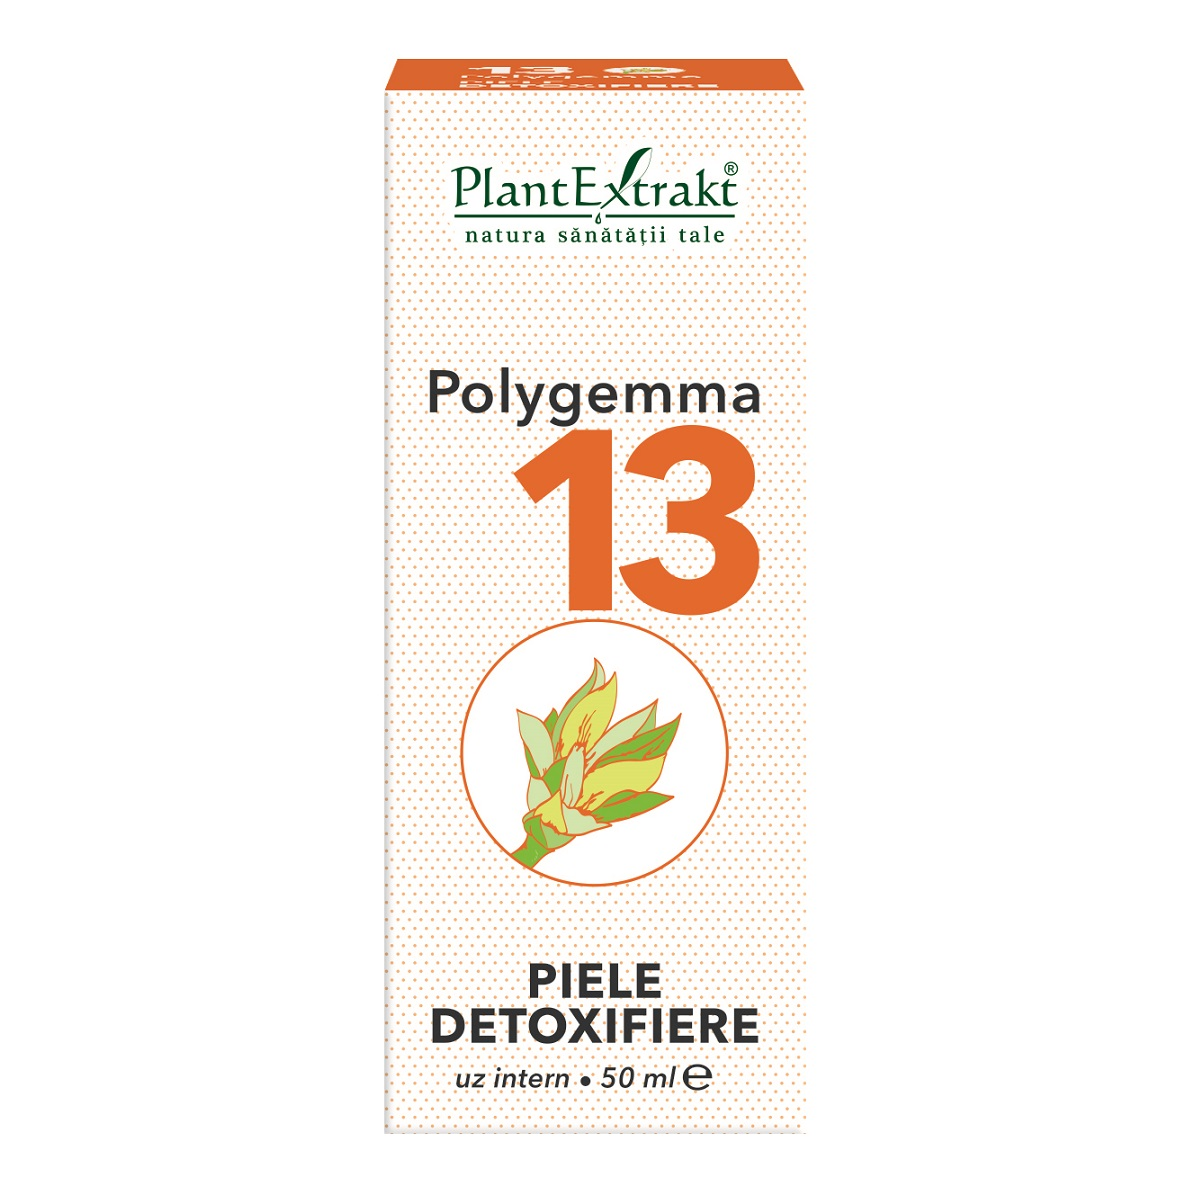 Polygemma 13 Piele detoxifiere, 50ml, Plant Extrakt drmax.ro